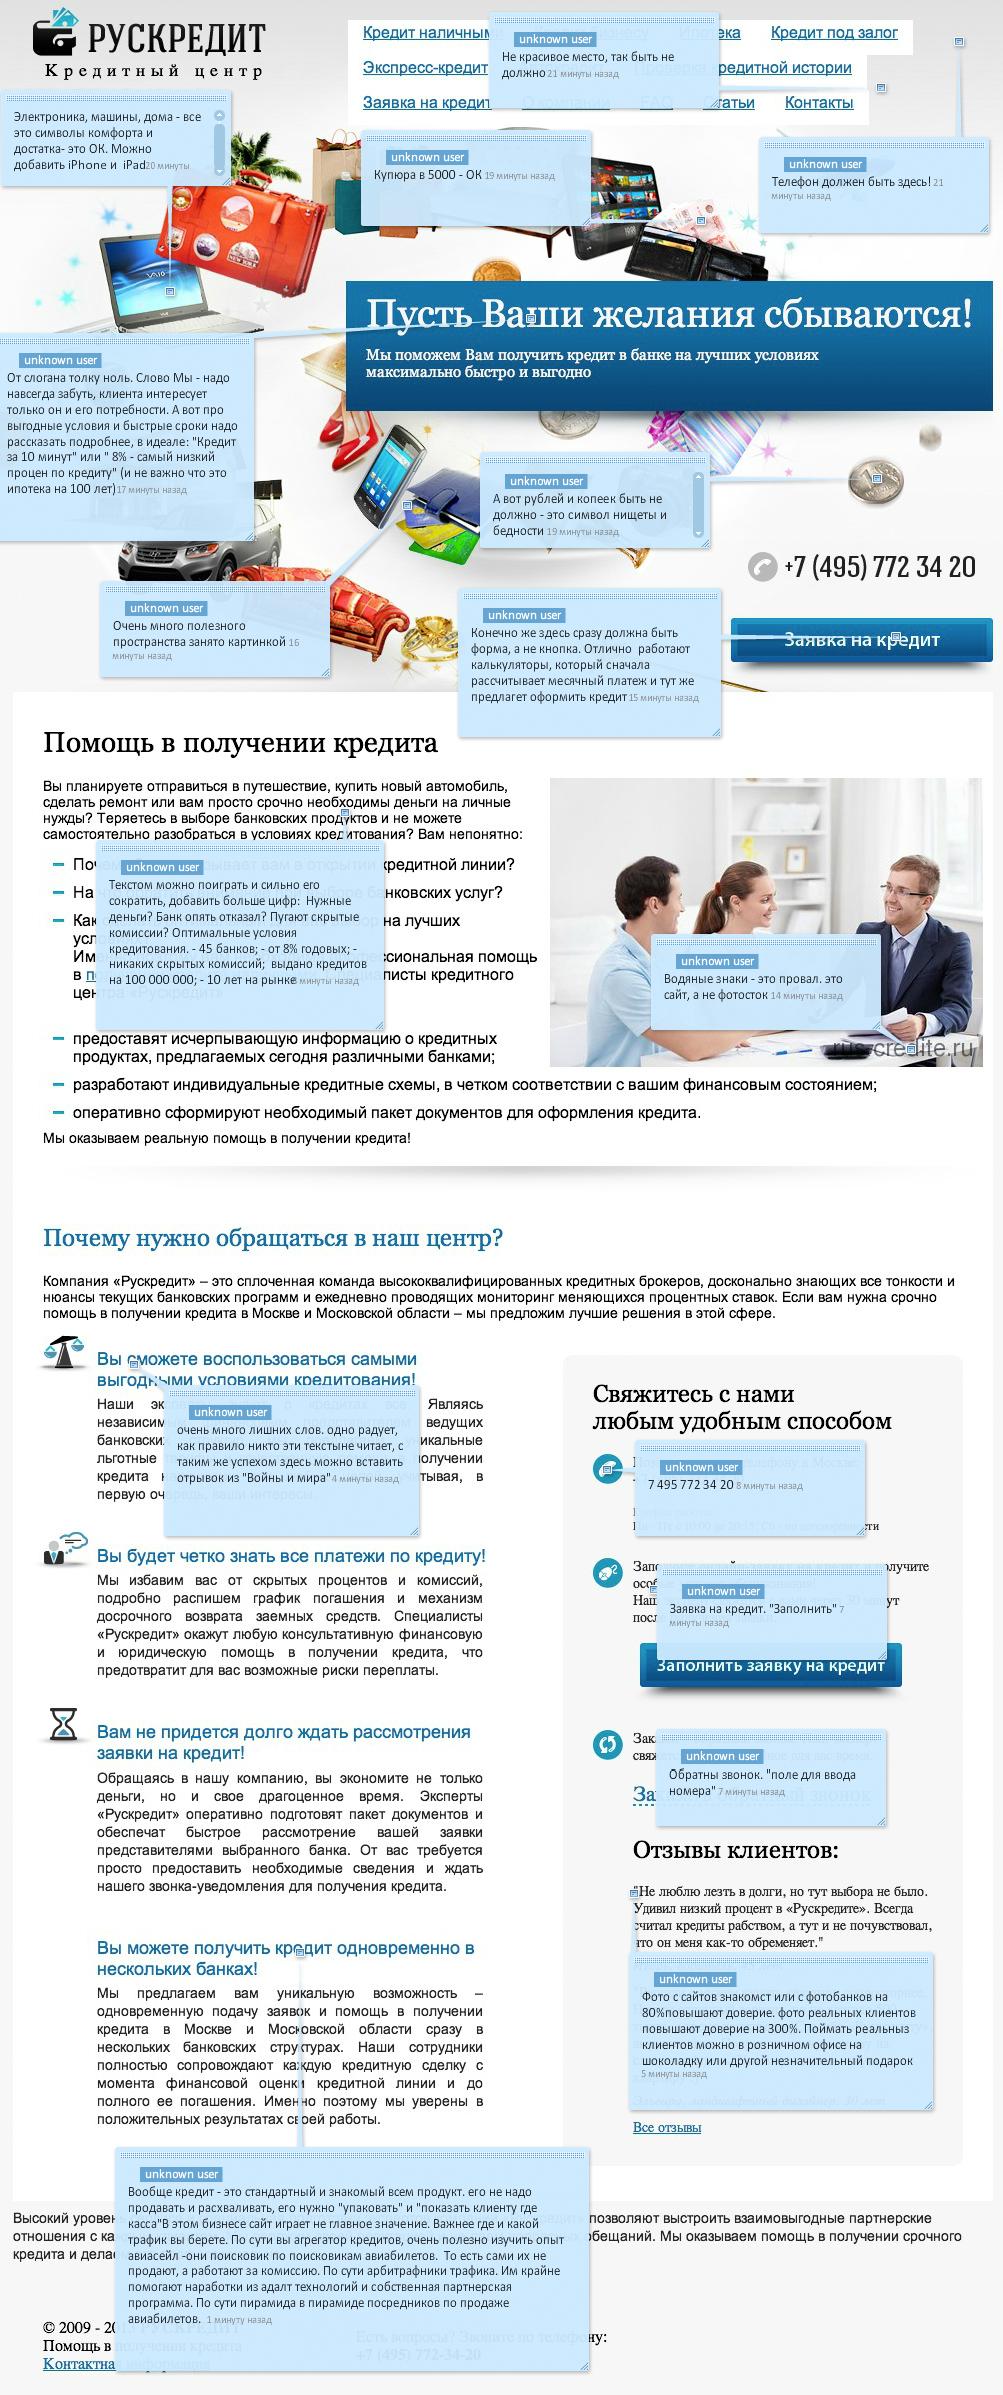 Бизнес-личн rus-credite.ru